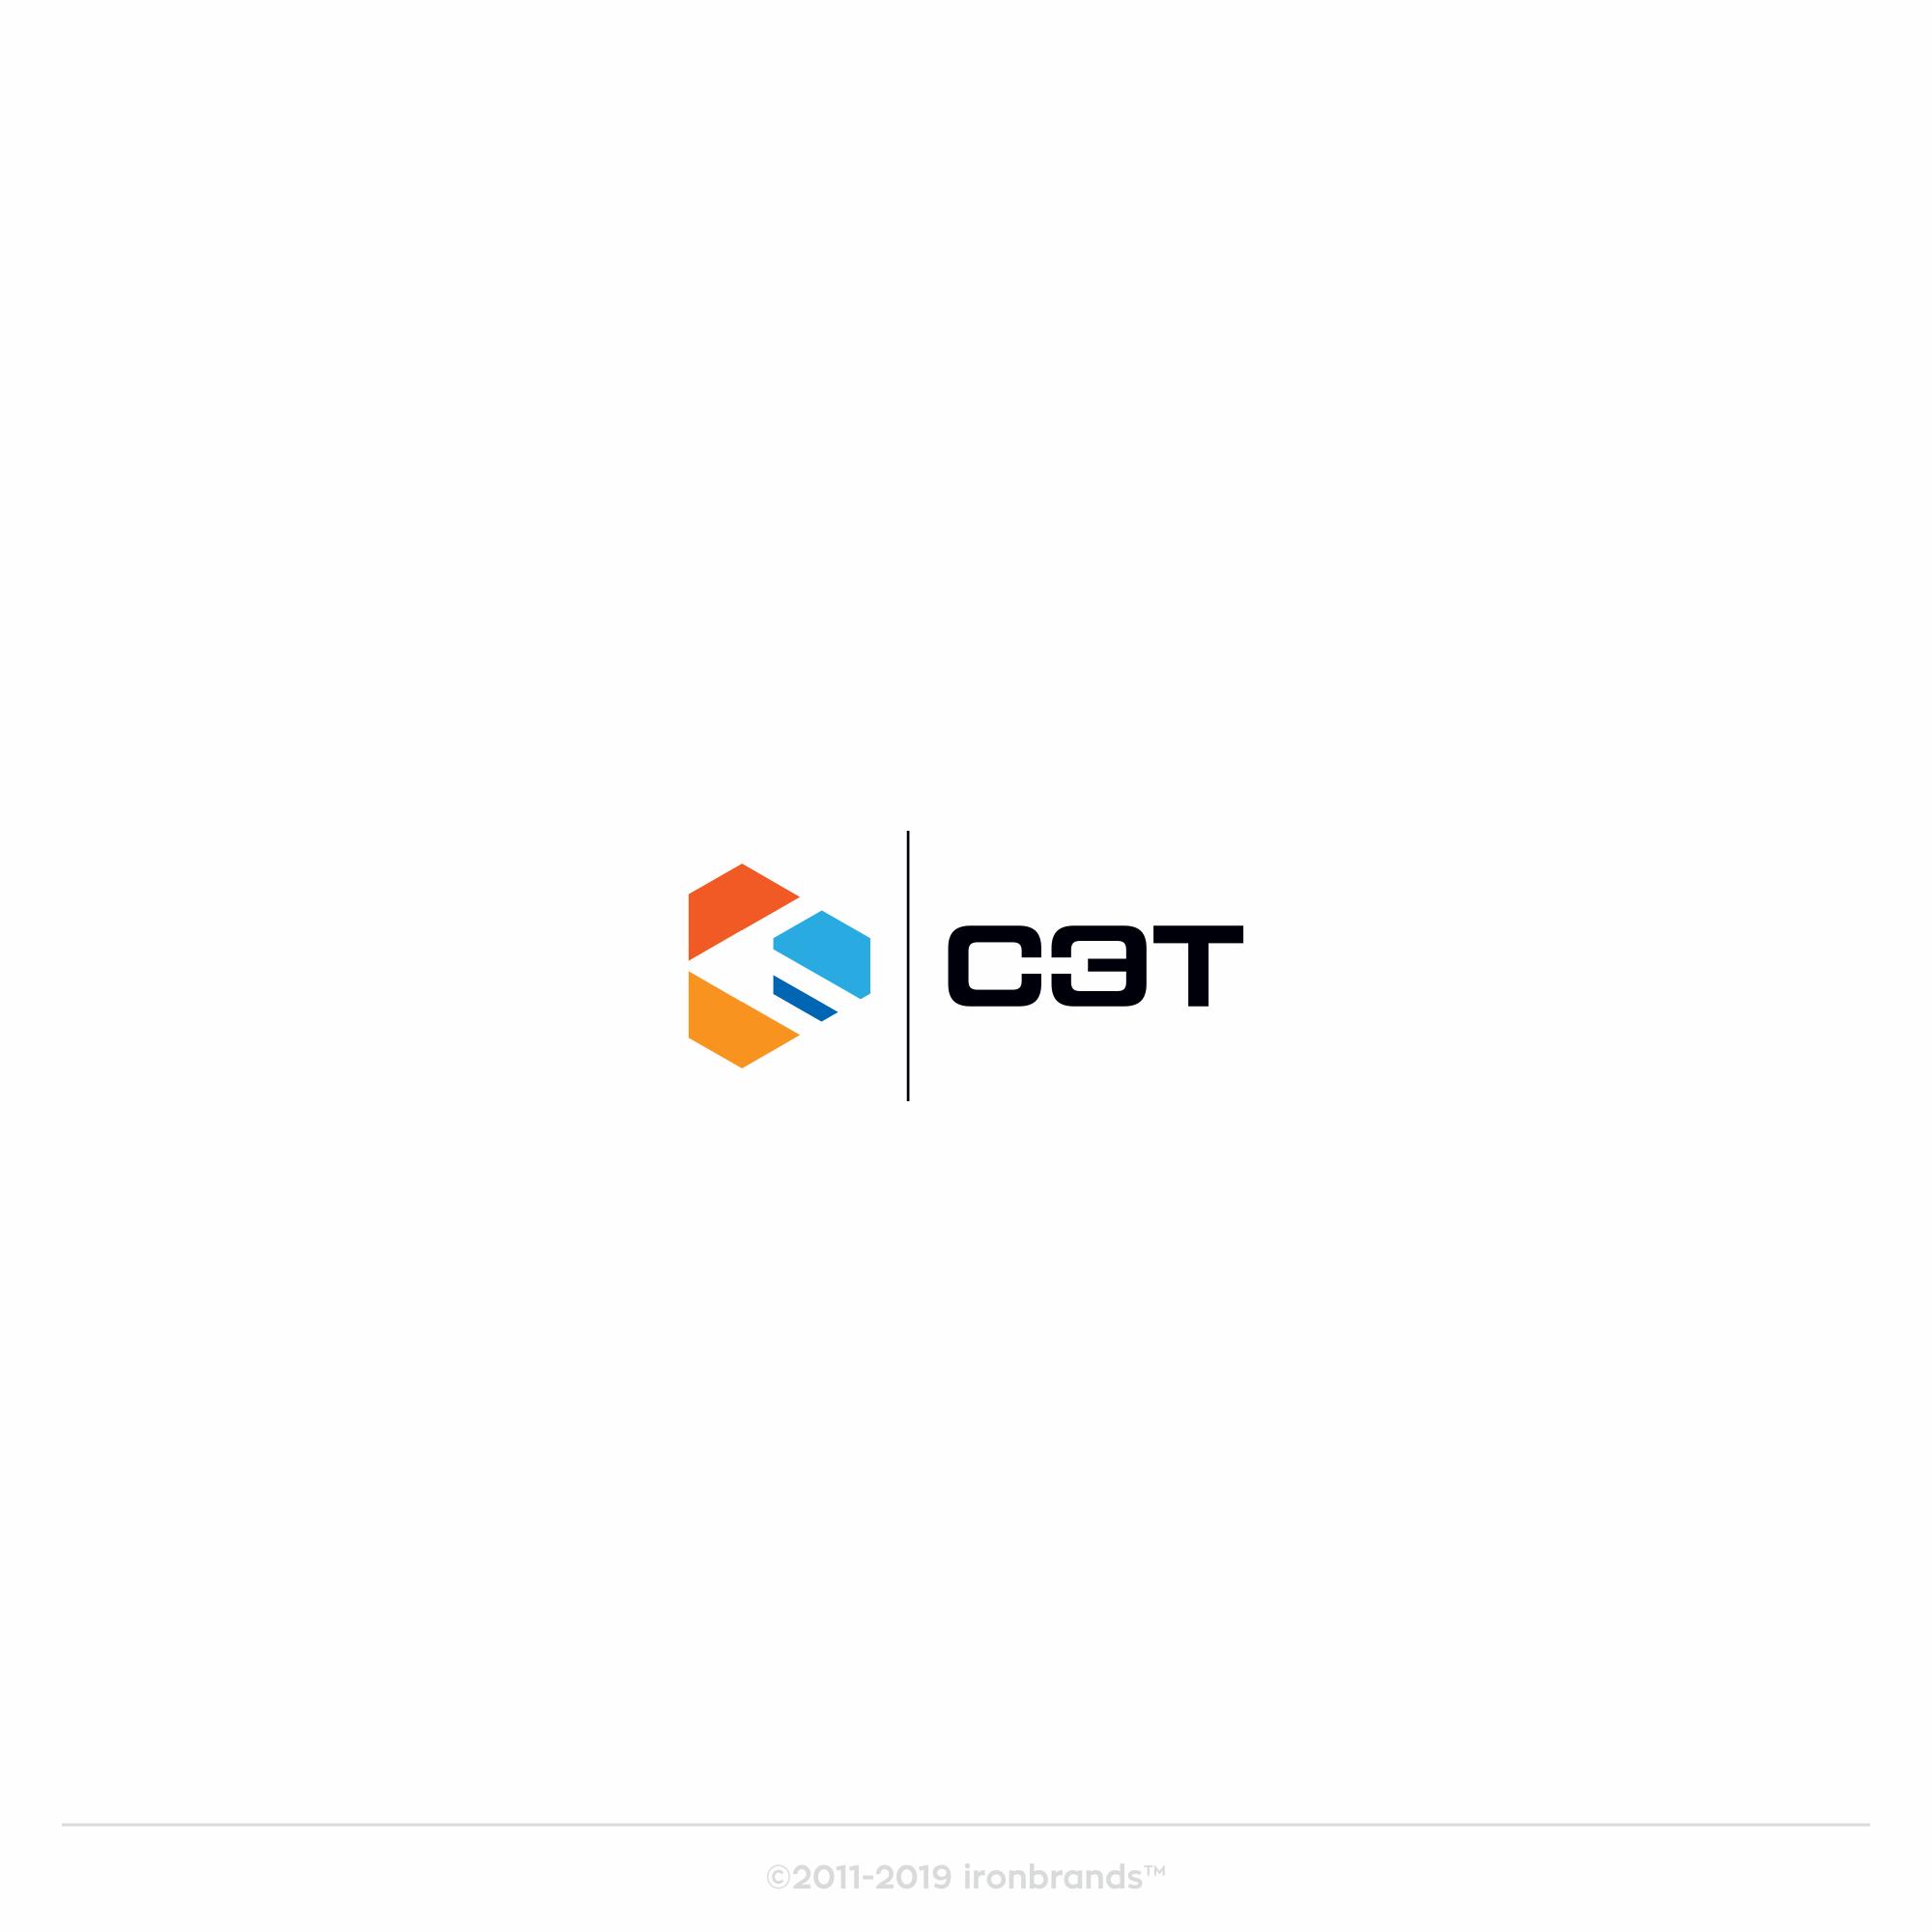 Срочно! Дизайн логотипа ООО «СЭТ» фото f_0115d530a30e4b21.jpg